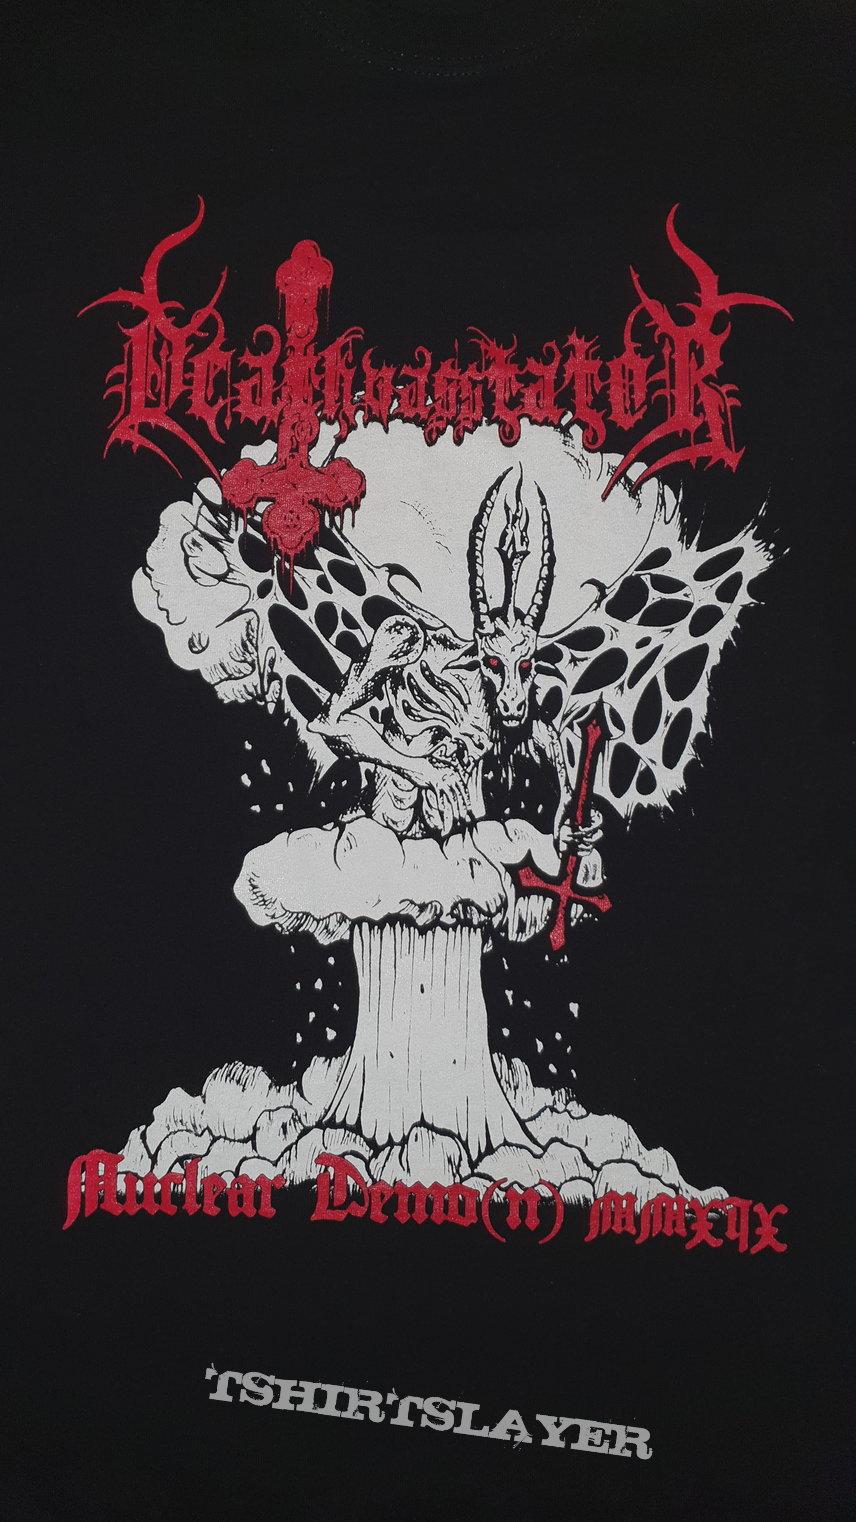 Deathvasstator